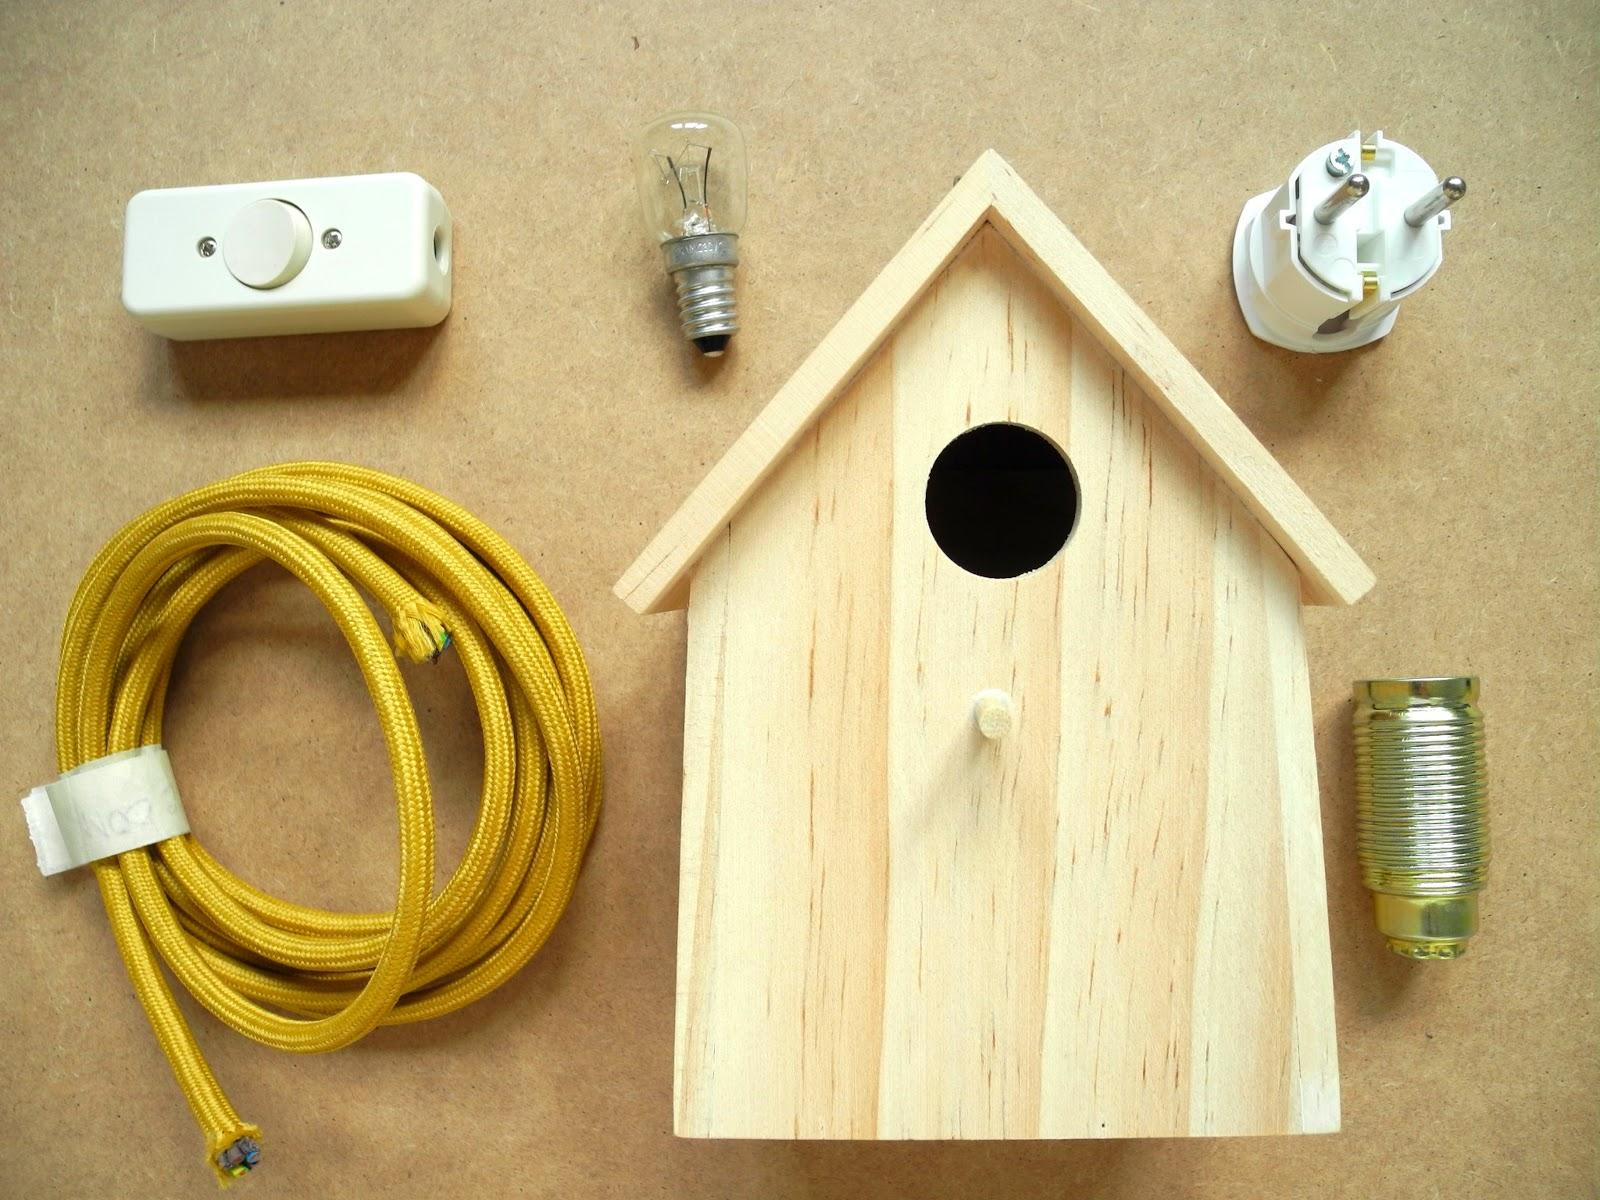 m l i m l o vogelhaus leuchte. Black Bedroom Furniture Sets. Home Design Ideas